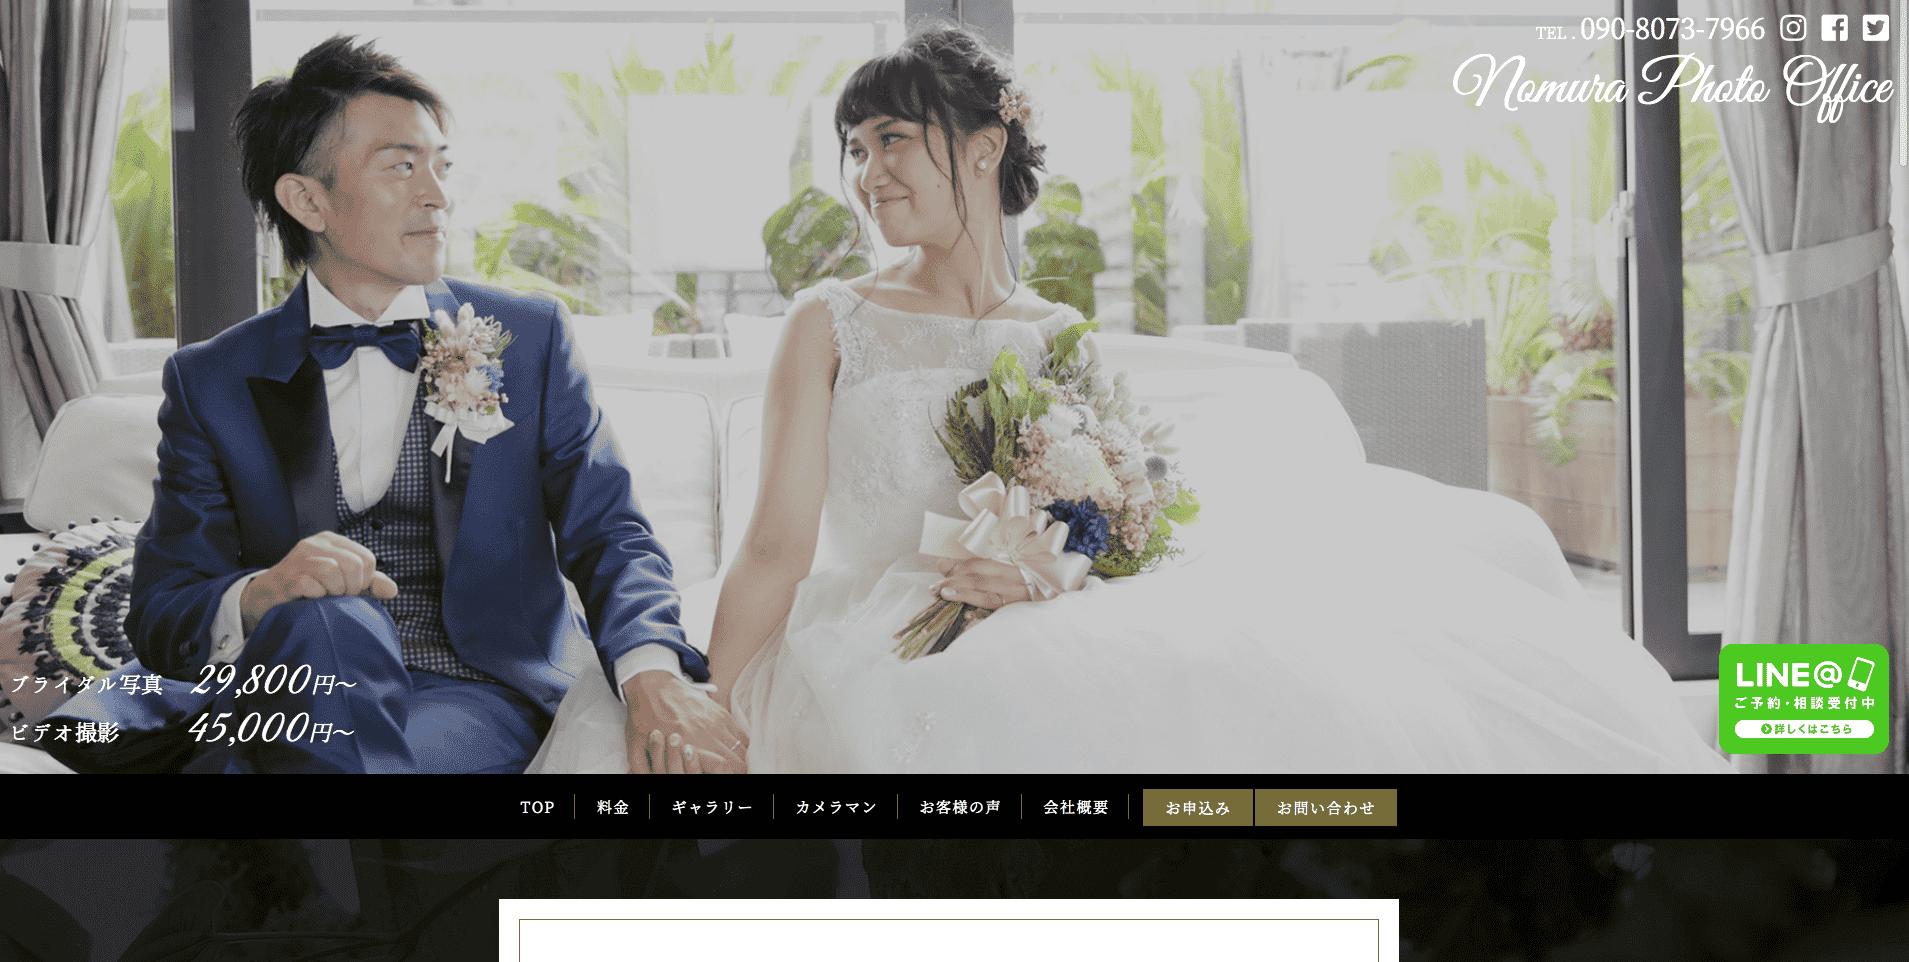 動画制作会社6:野村写真事務所